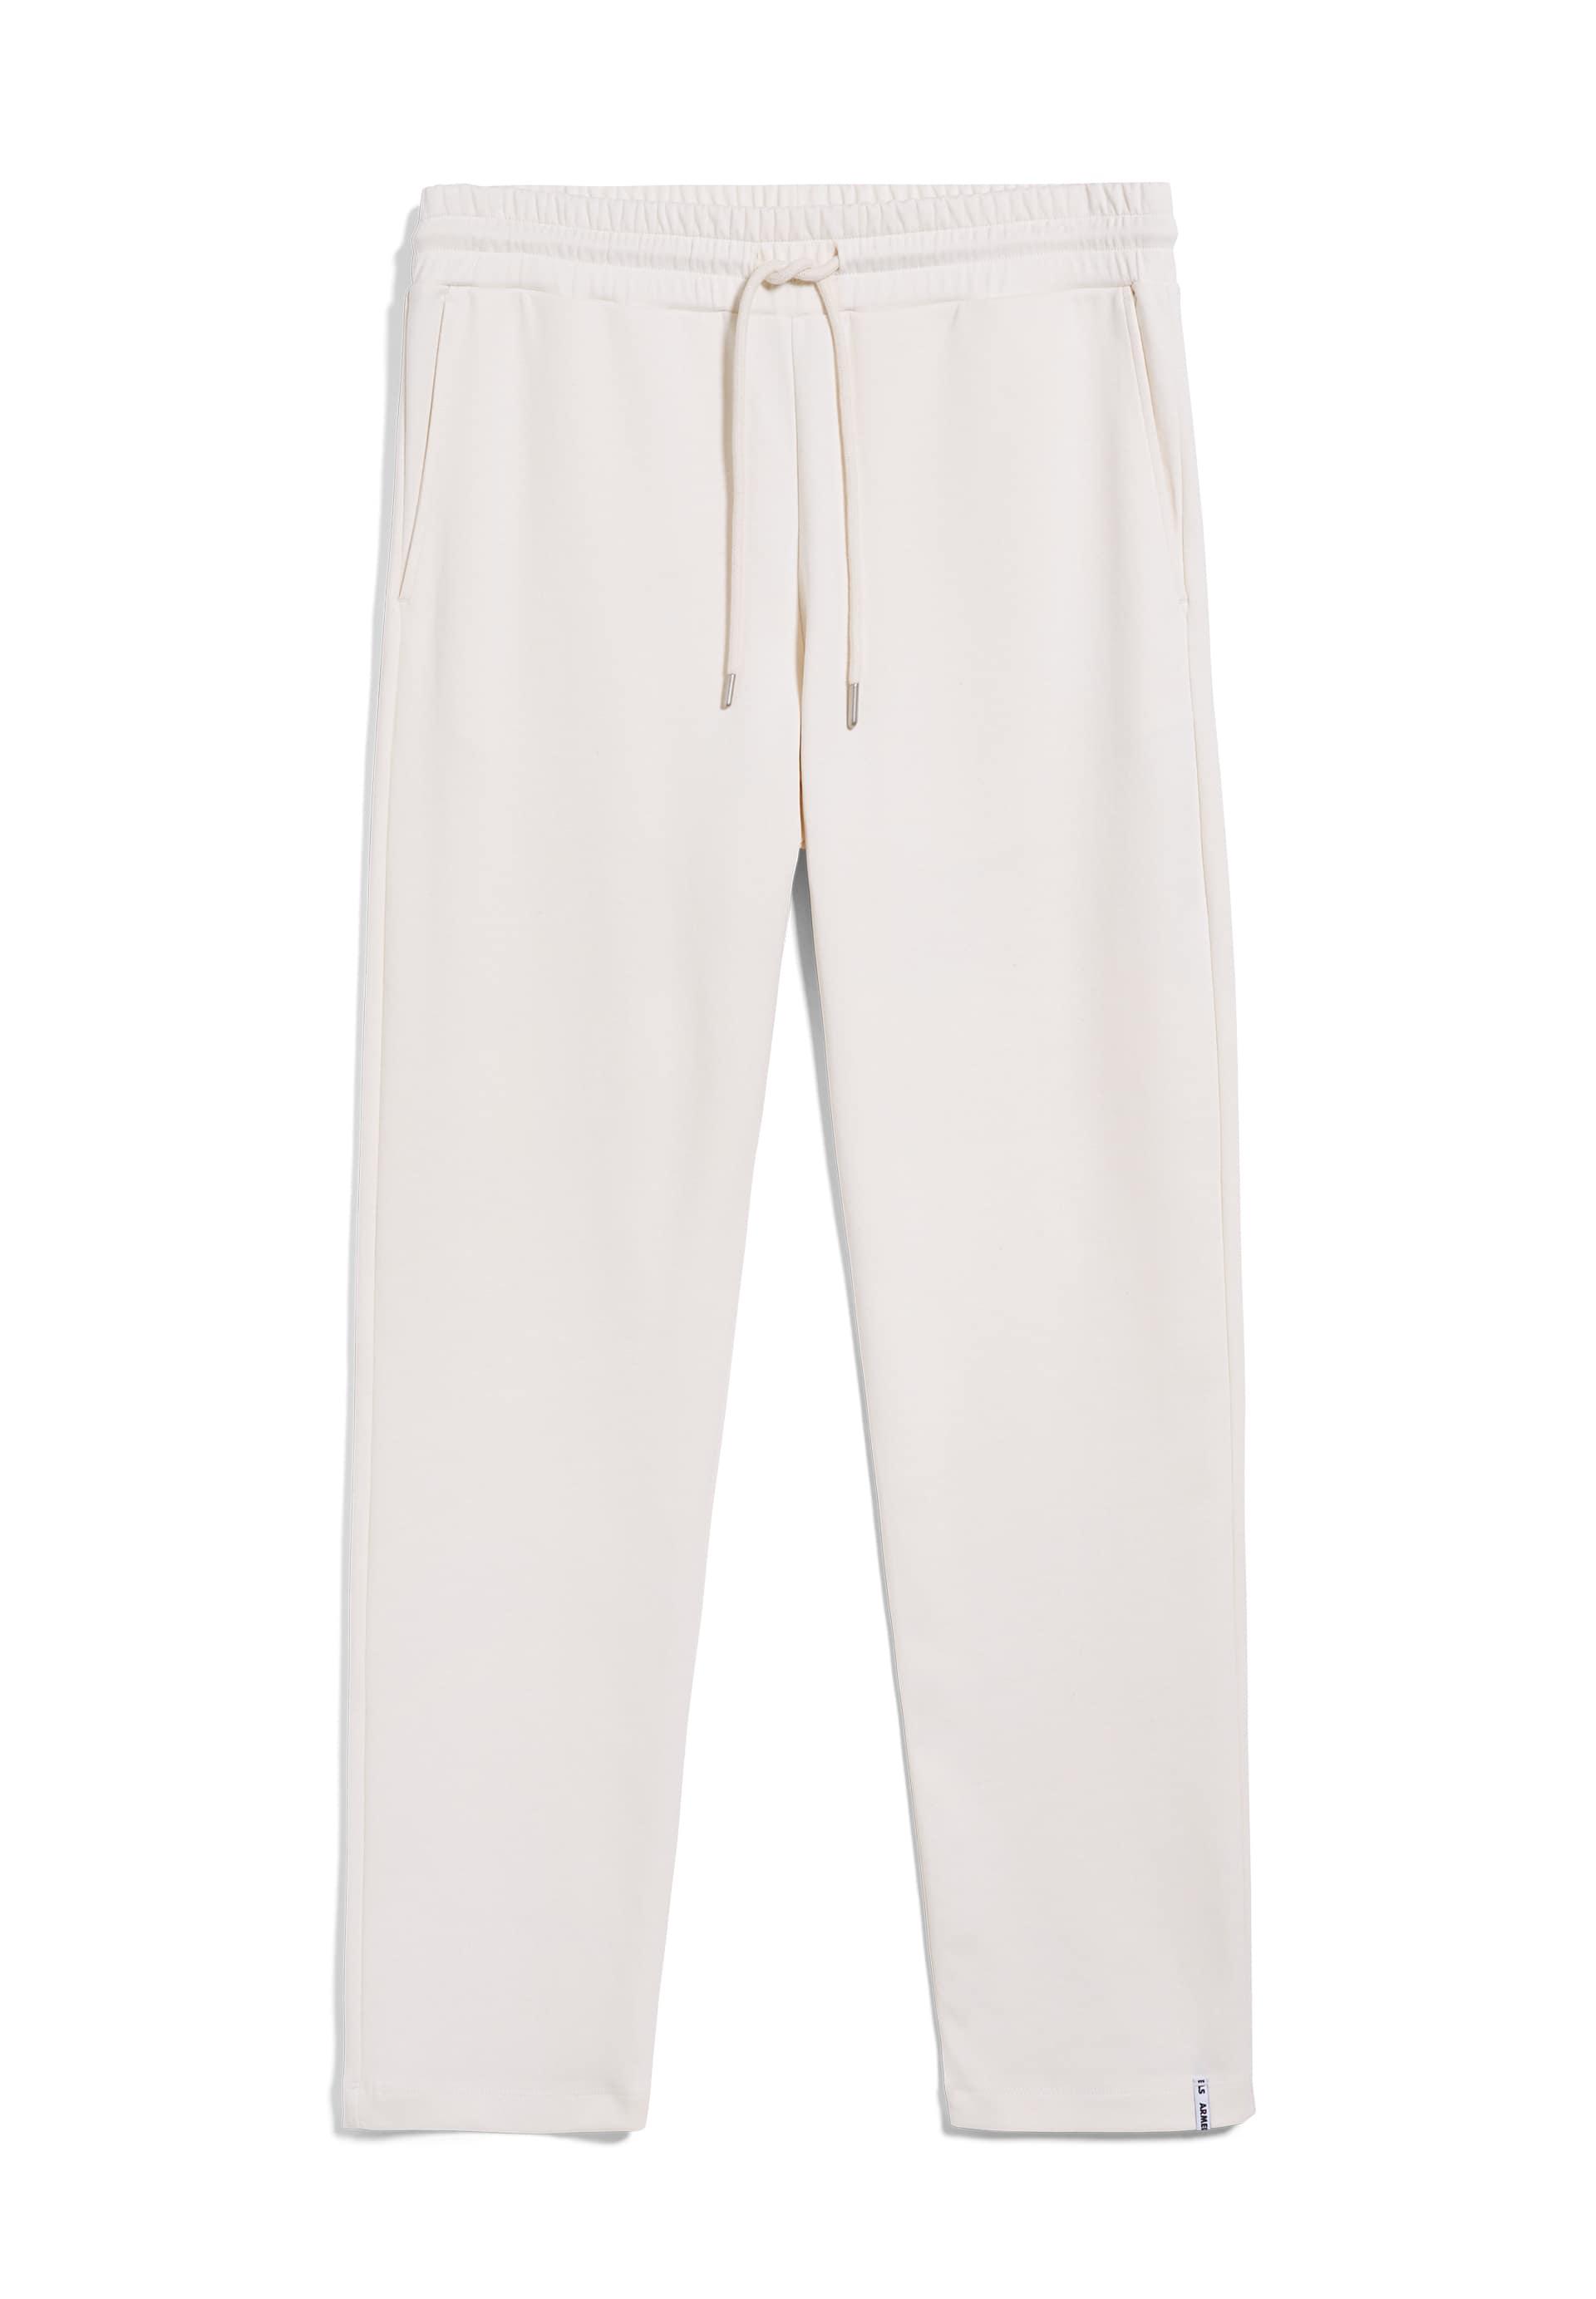 LUCAAI UNDYED Pantalon de survêtement en coton biologique